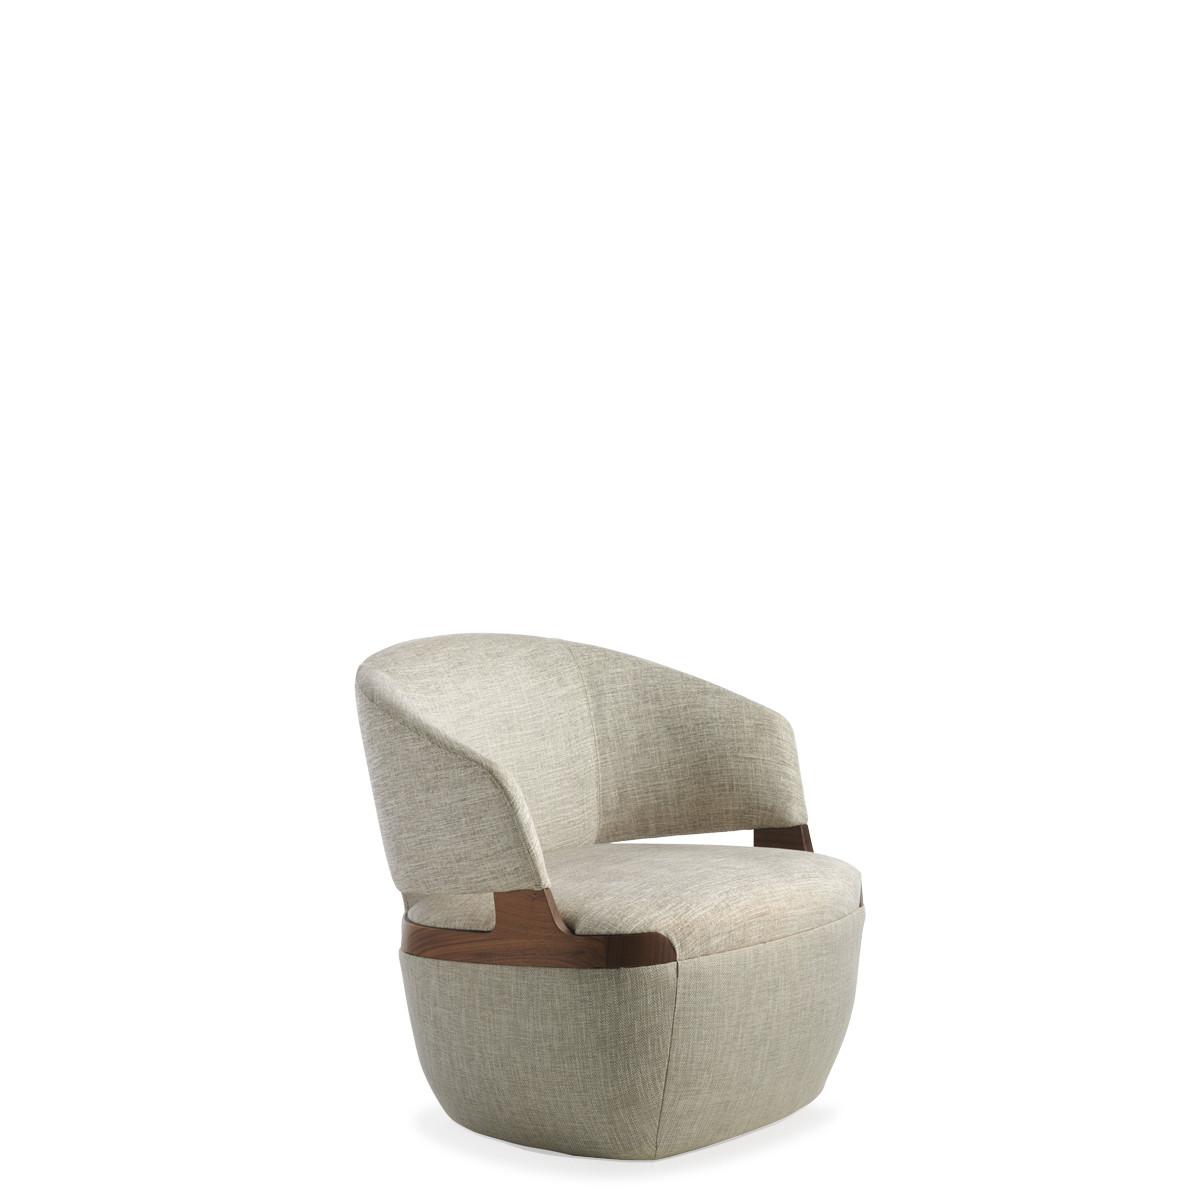 Entdecken Sie bei Conzept Beckord besondere Designmöbel! Hier finden Sie Potocco Sofas und Sessel: Velis hell